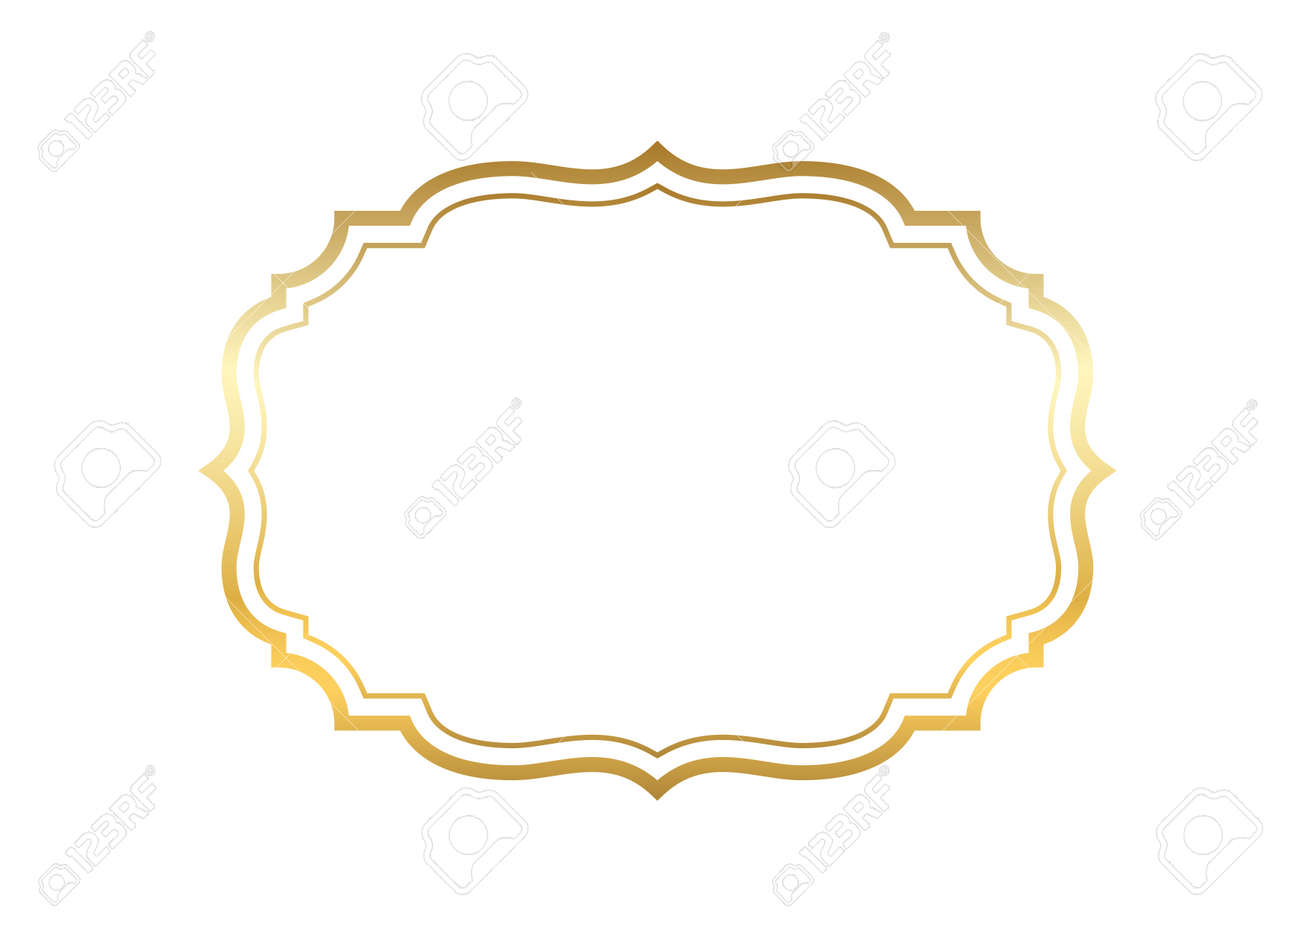 Marco Dorado Hermoso Diseño Dorado Simple. Fondo Blanco Aislado De ...